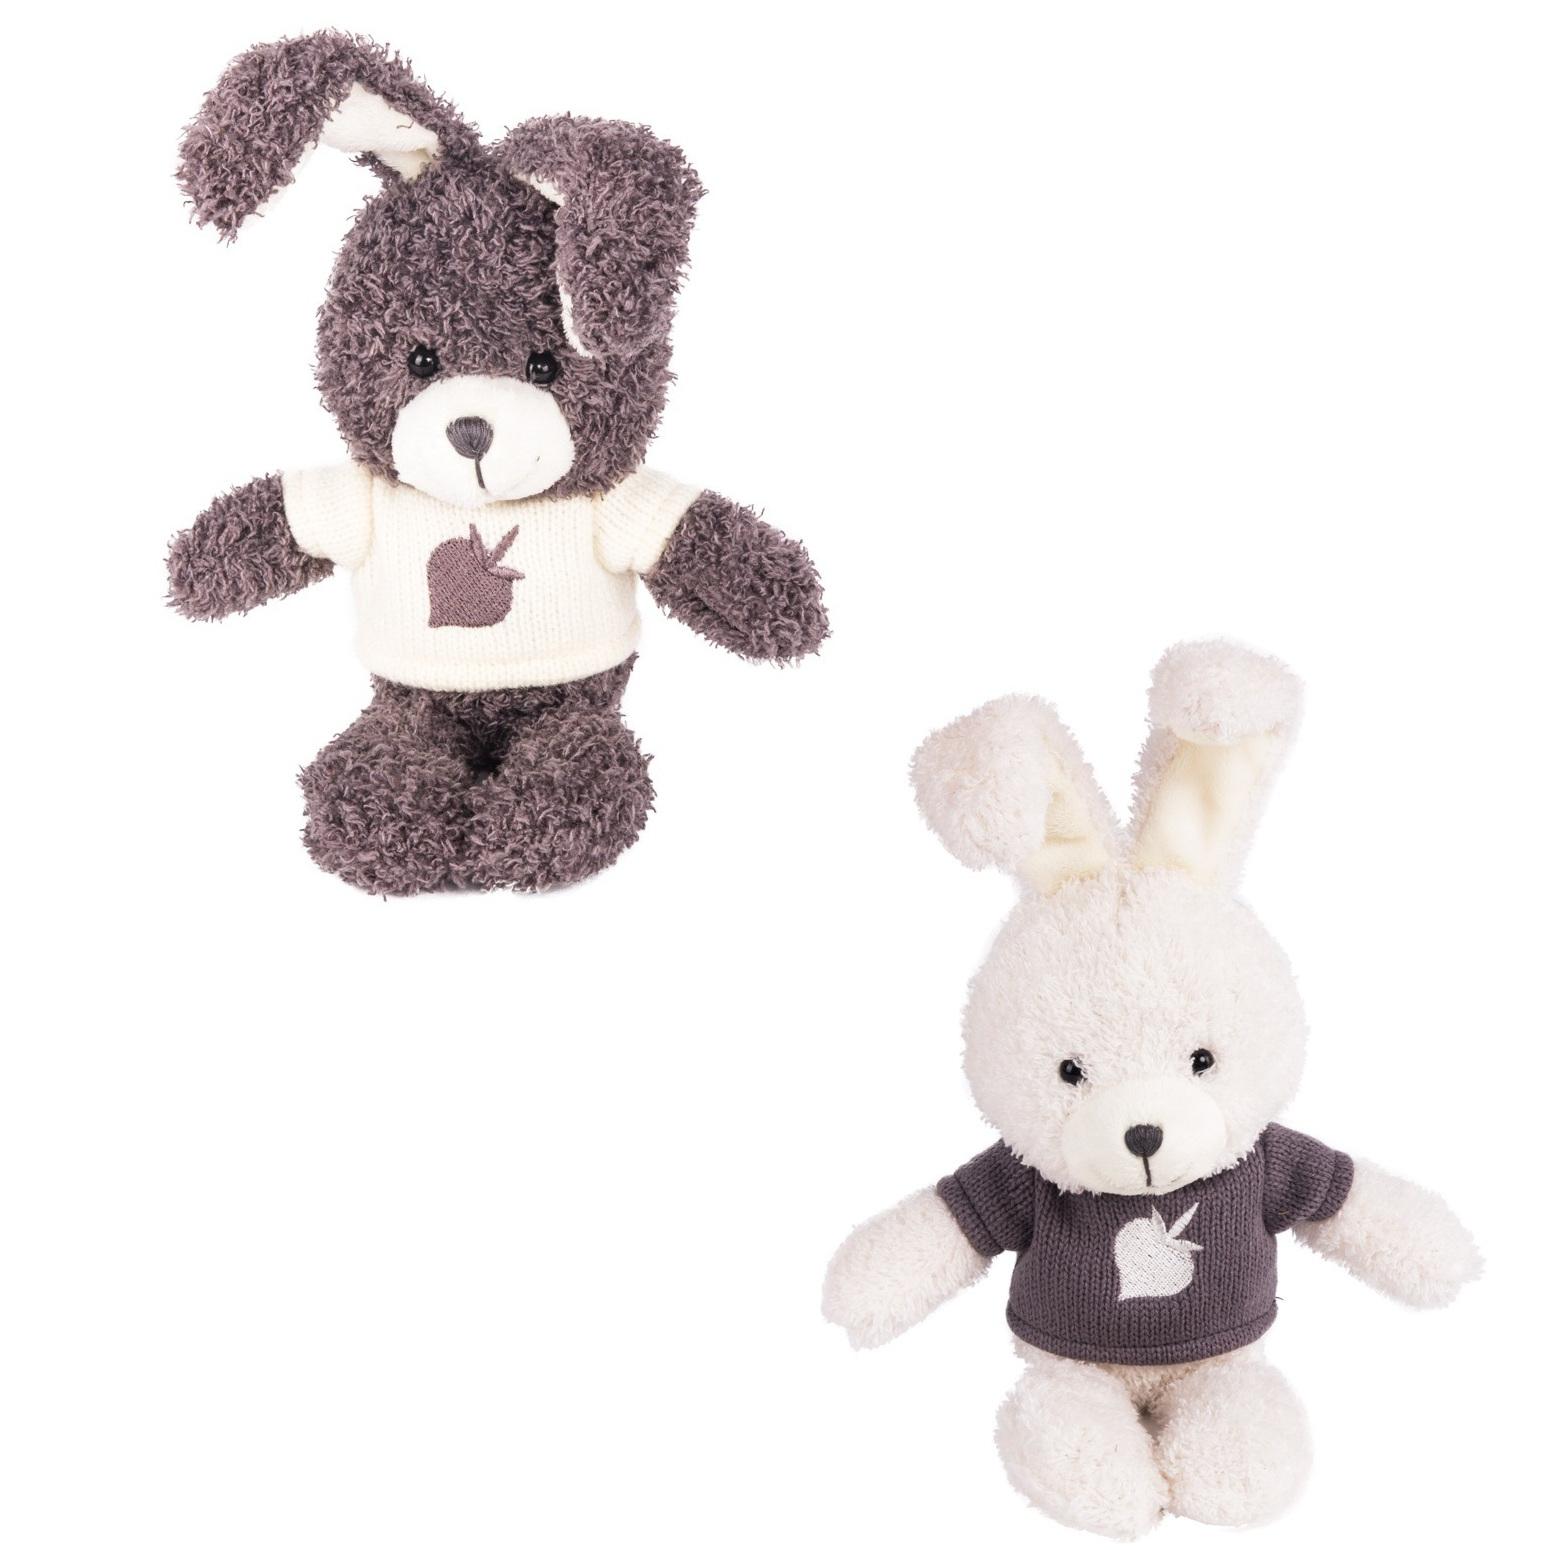 Мягкая игрушка - Зайчик Билли, белый/серый, 20 см от Toyway